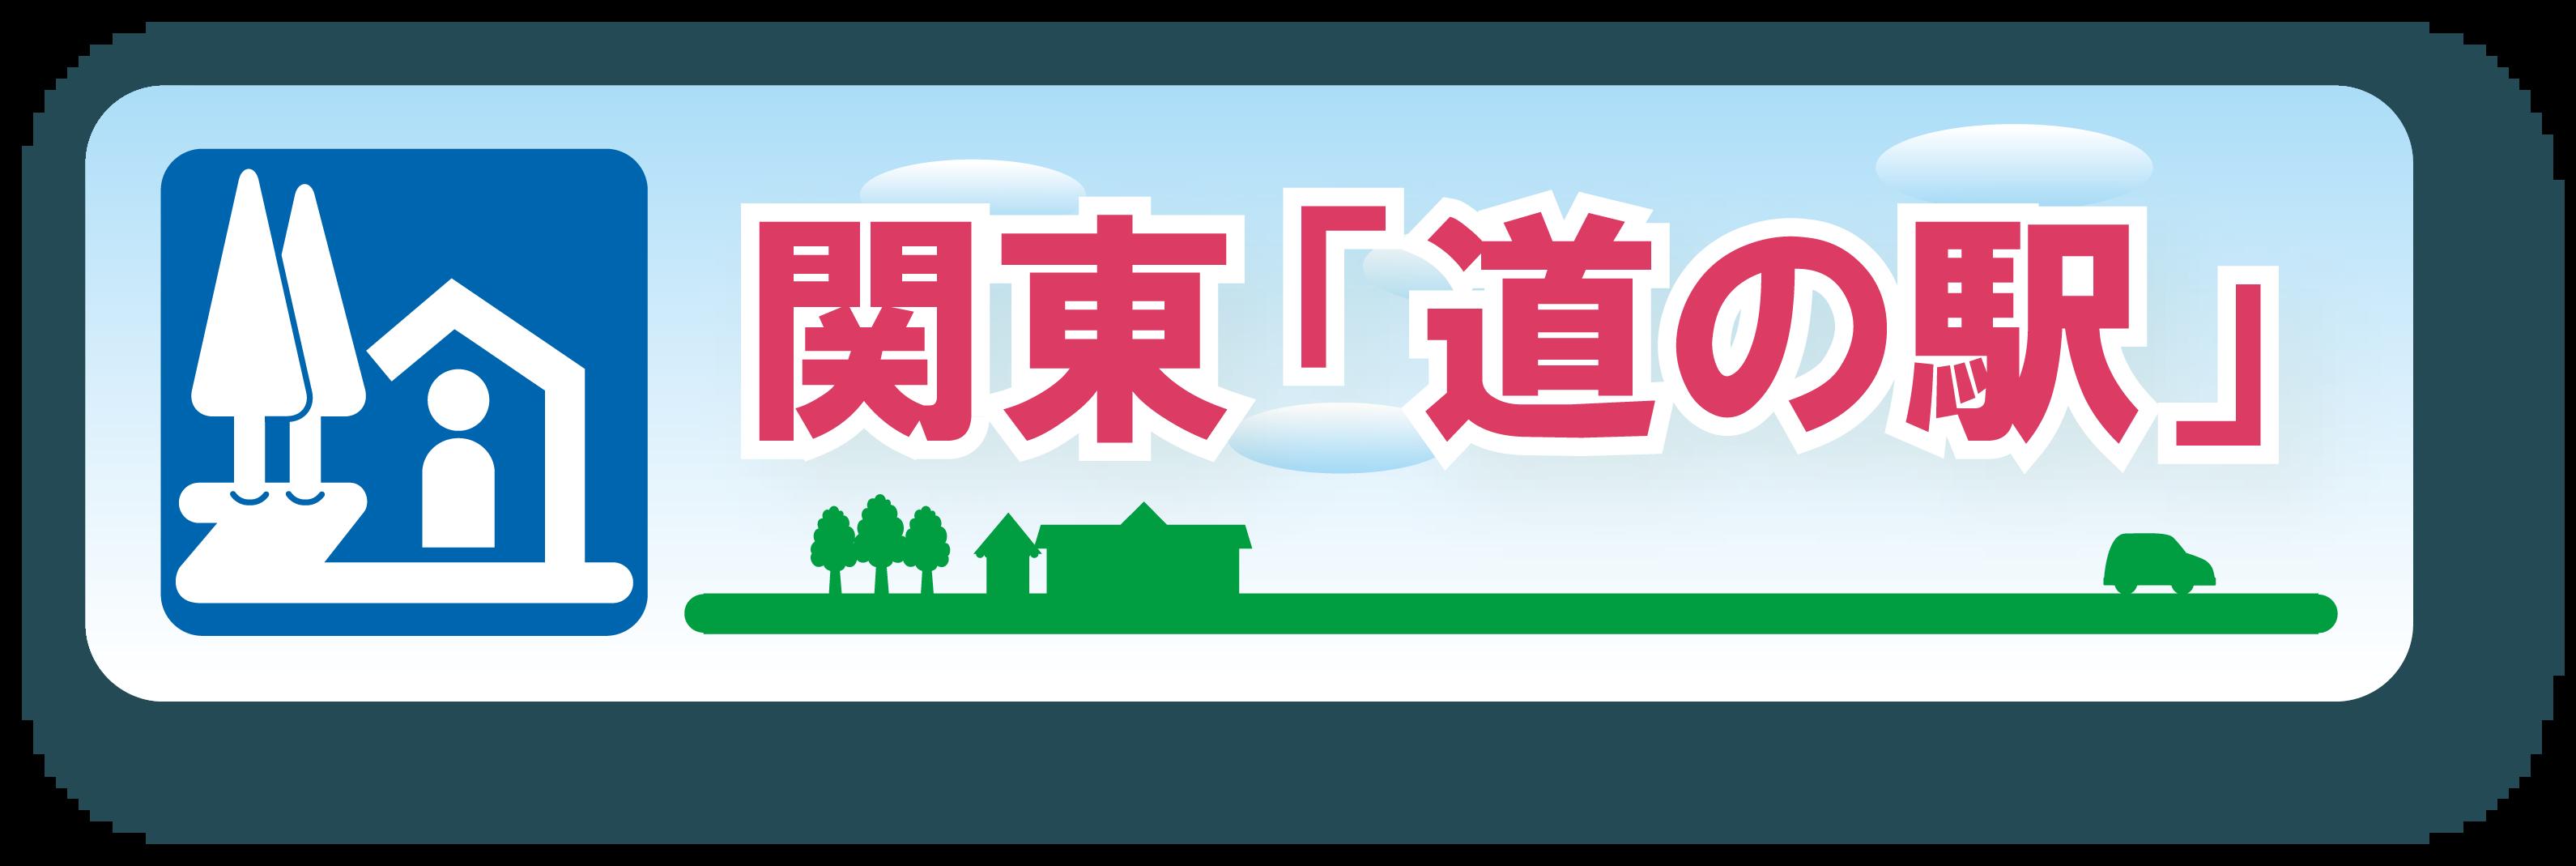 関東「道の駅」オフィシャルサイト